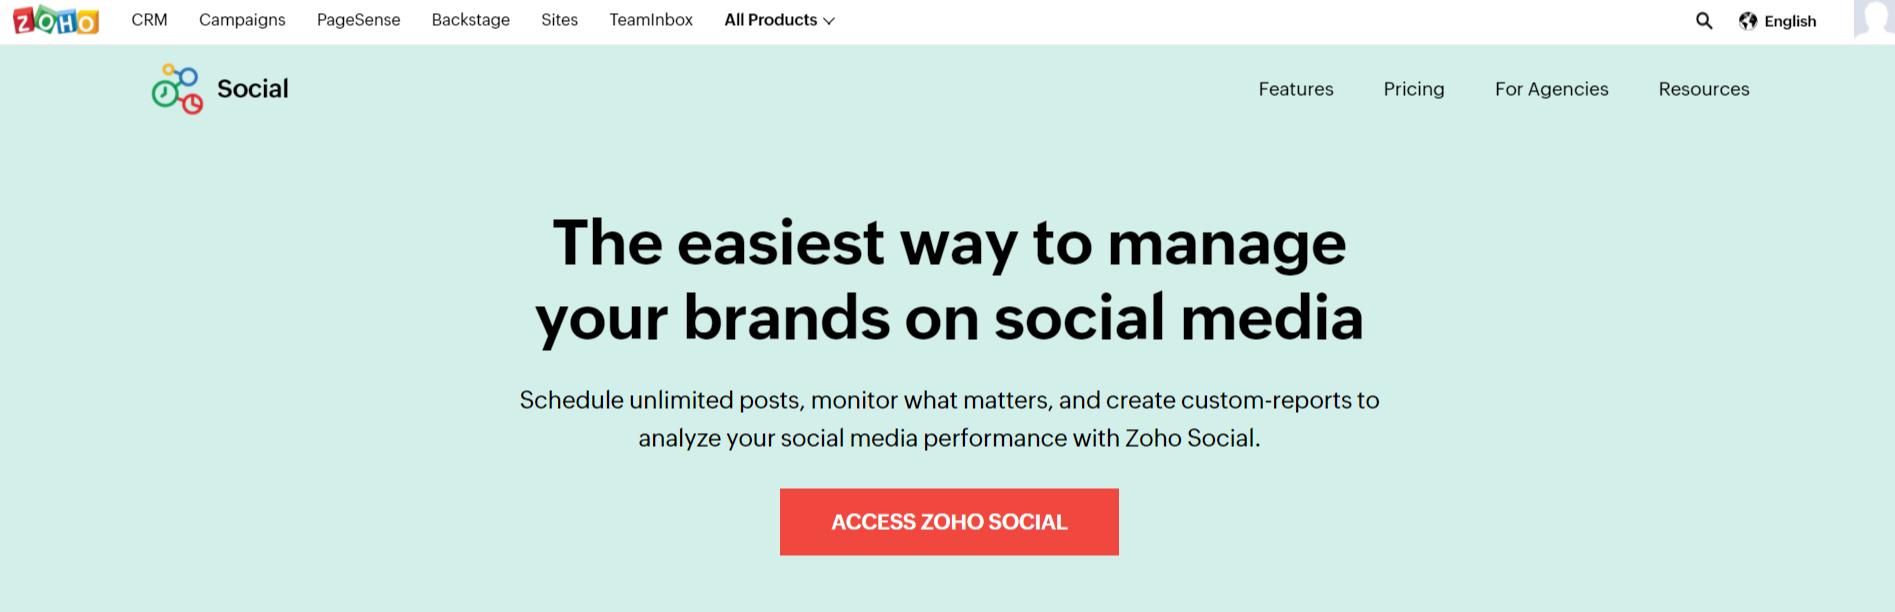 Social-Media-Management-Software-Zoho-Social